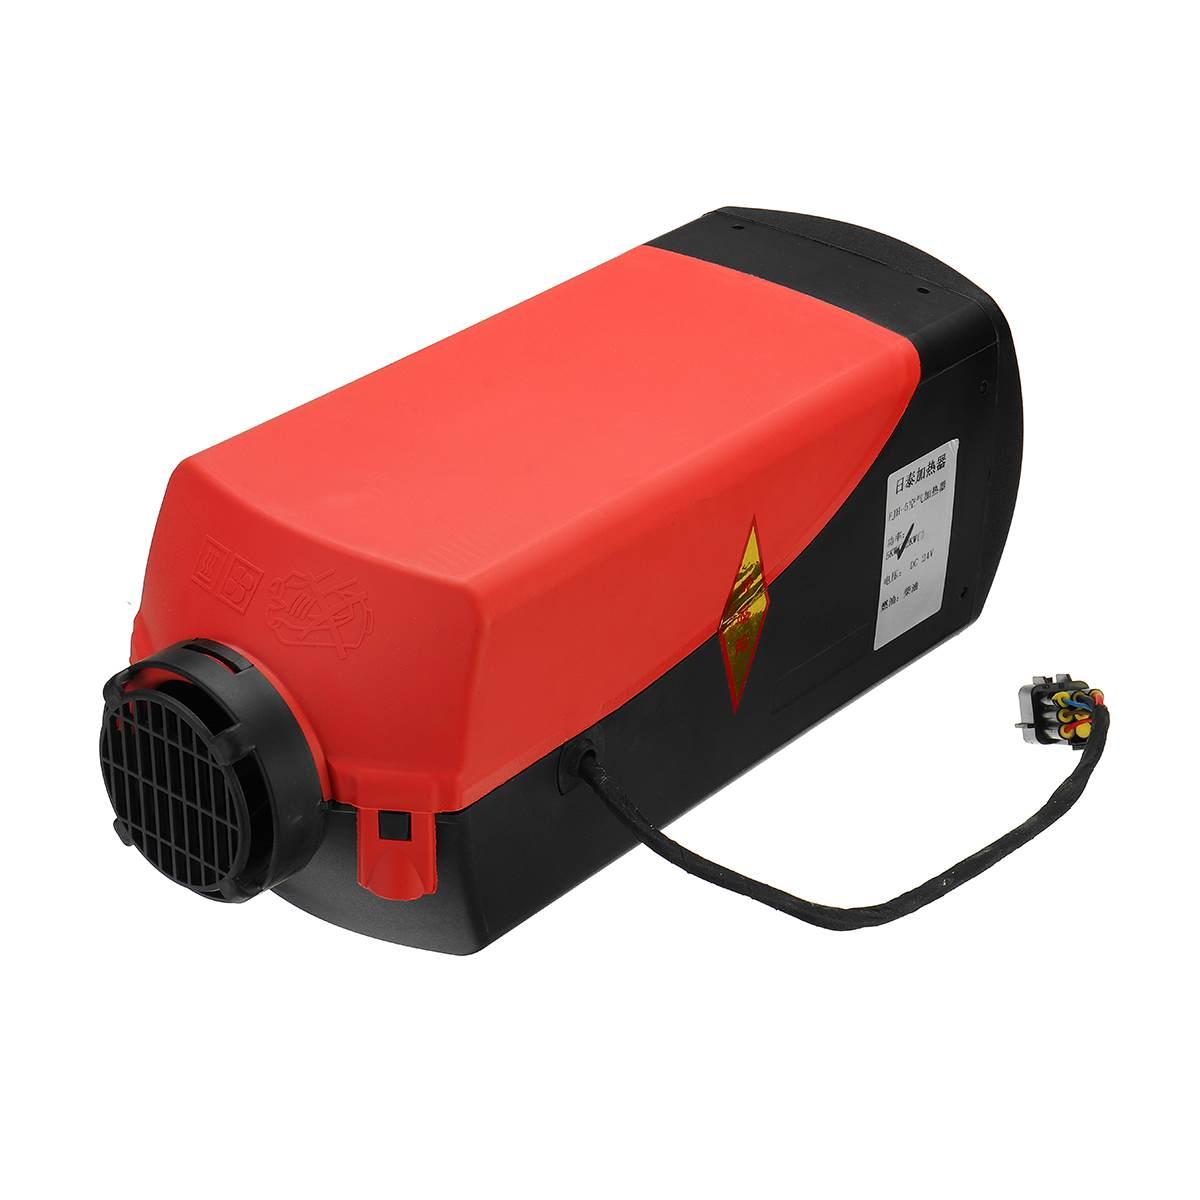 24 V 5000 W Auto voiture AirDiesel chauffage contrôle carburant moteur pompe ensemble chauffage voiture camion monotrou Parking moteur chauffage bateau Van